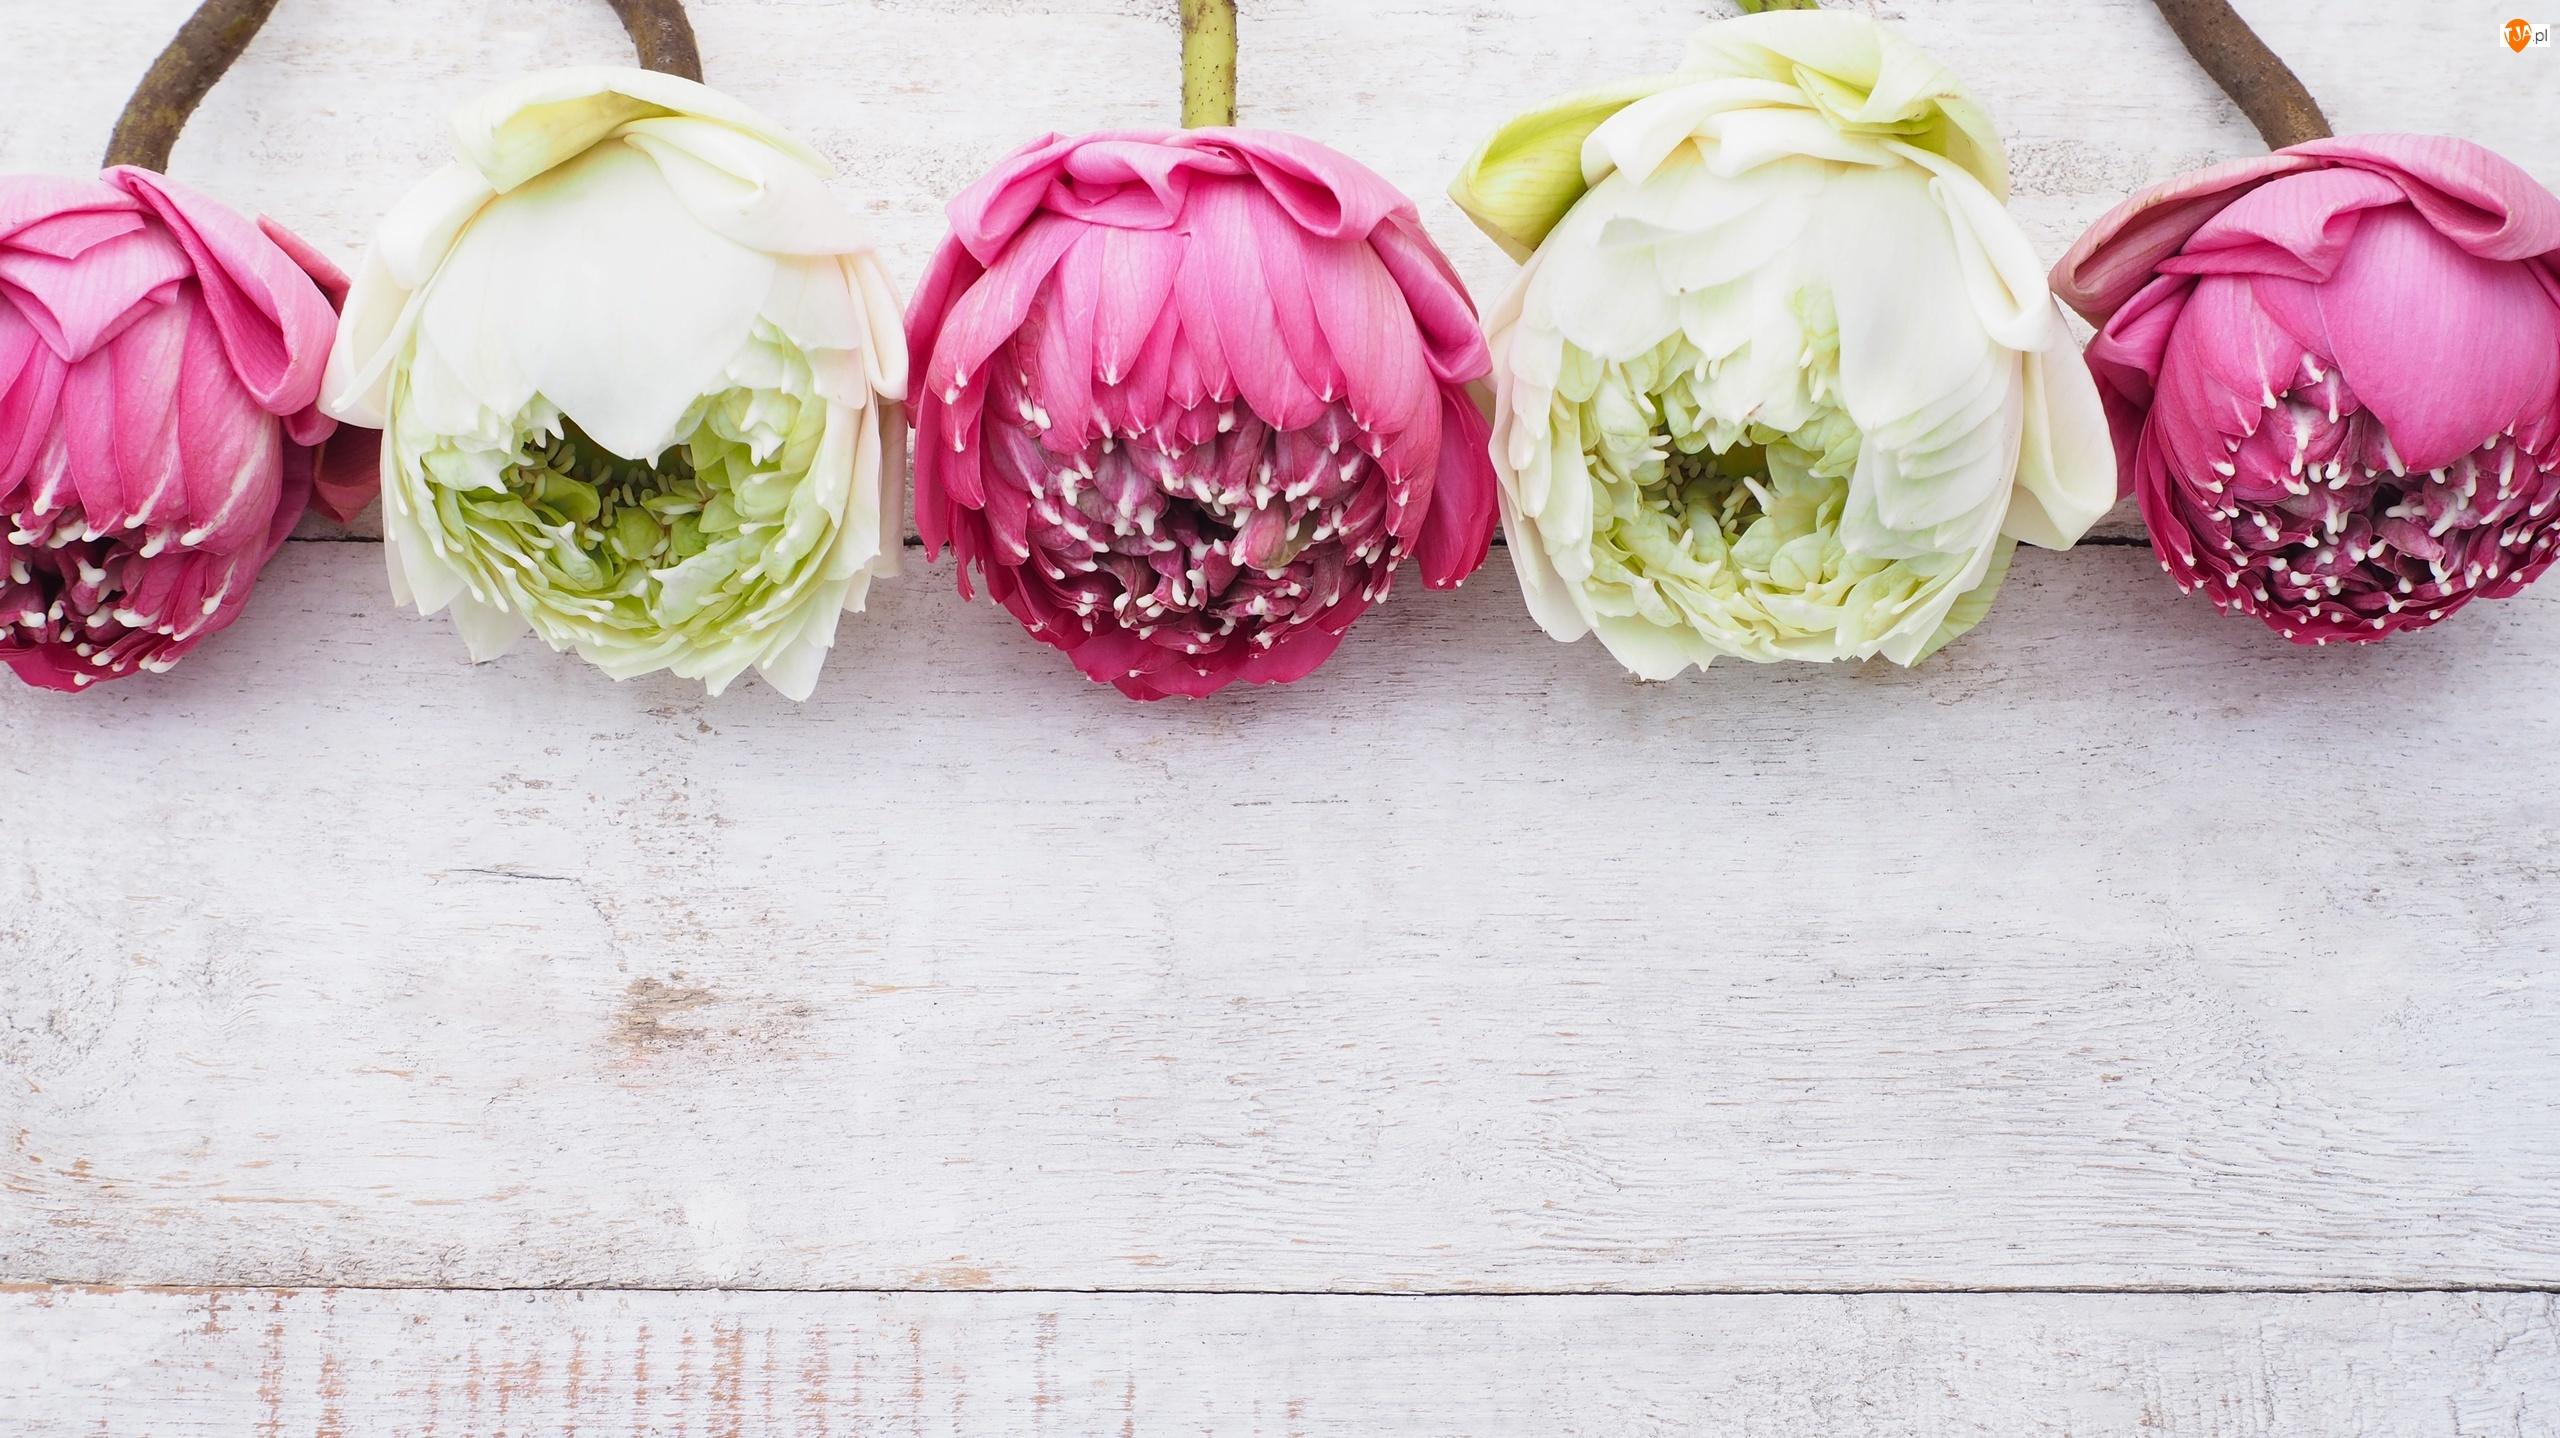 Kwiaty, Deski, Różowe, Białe, Lotosy